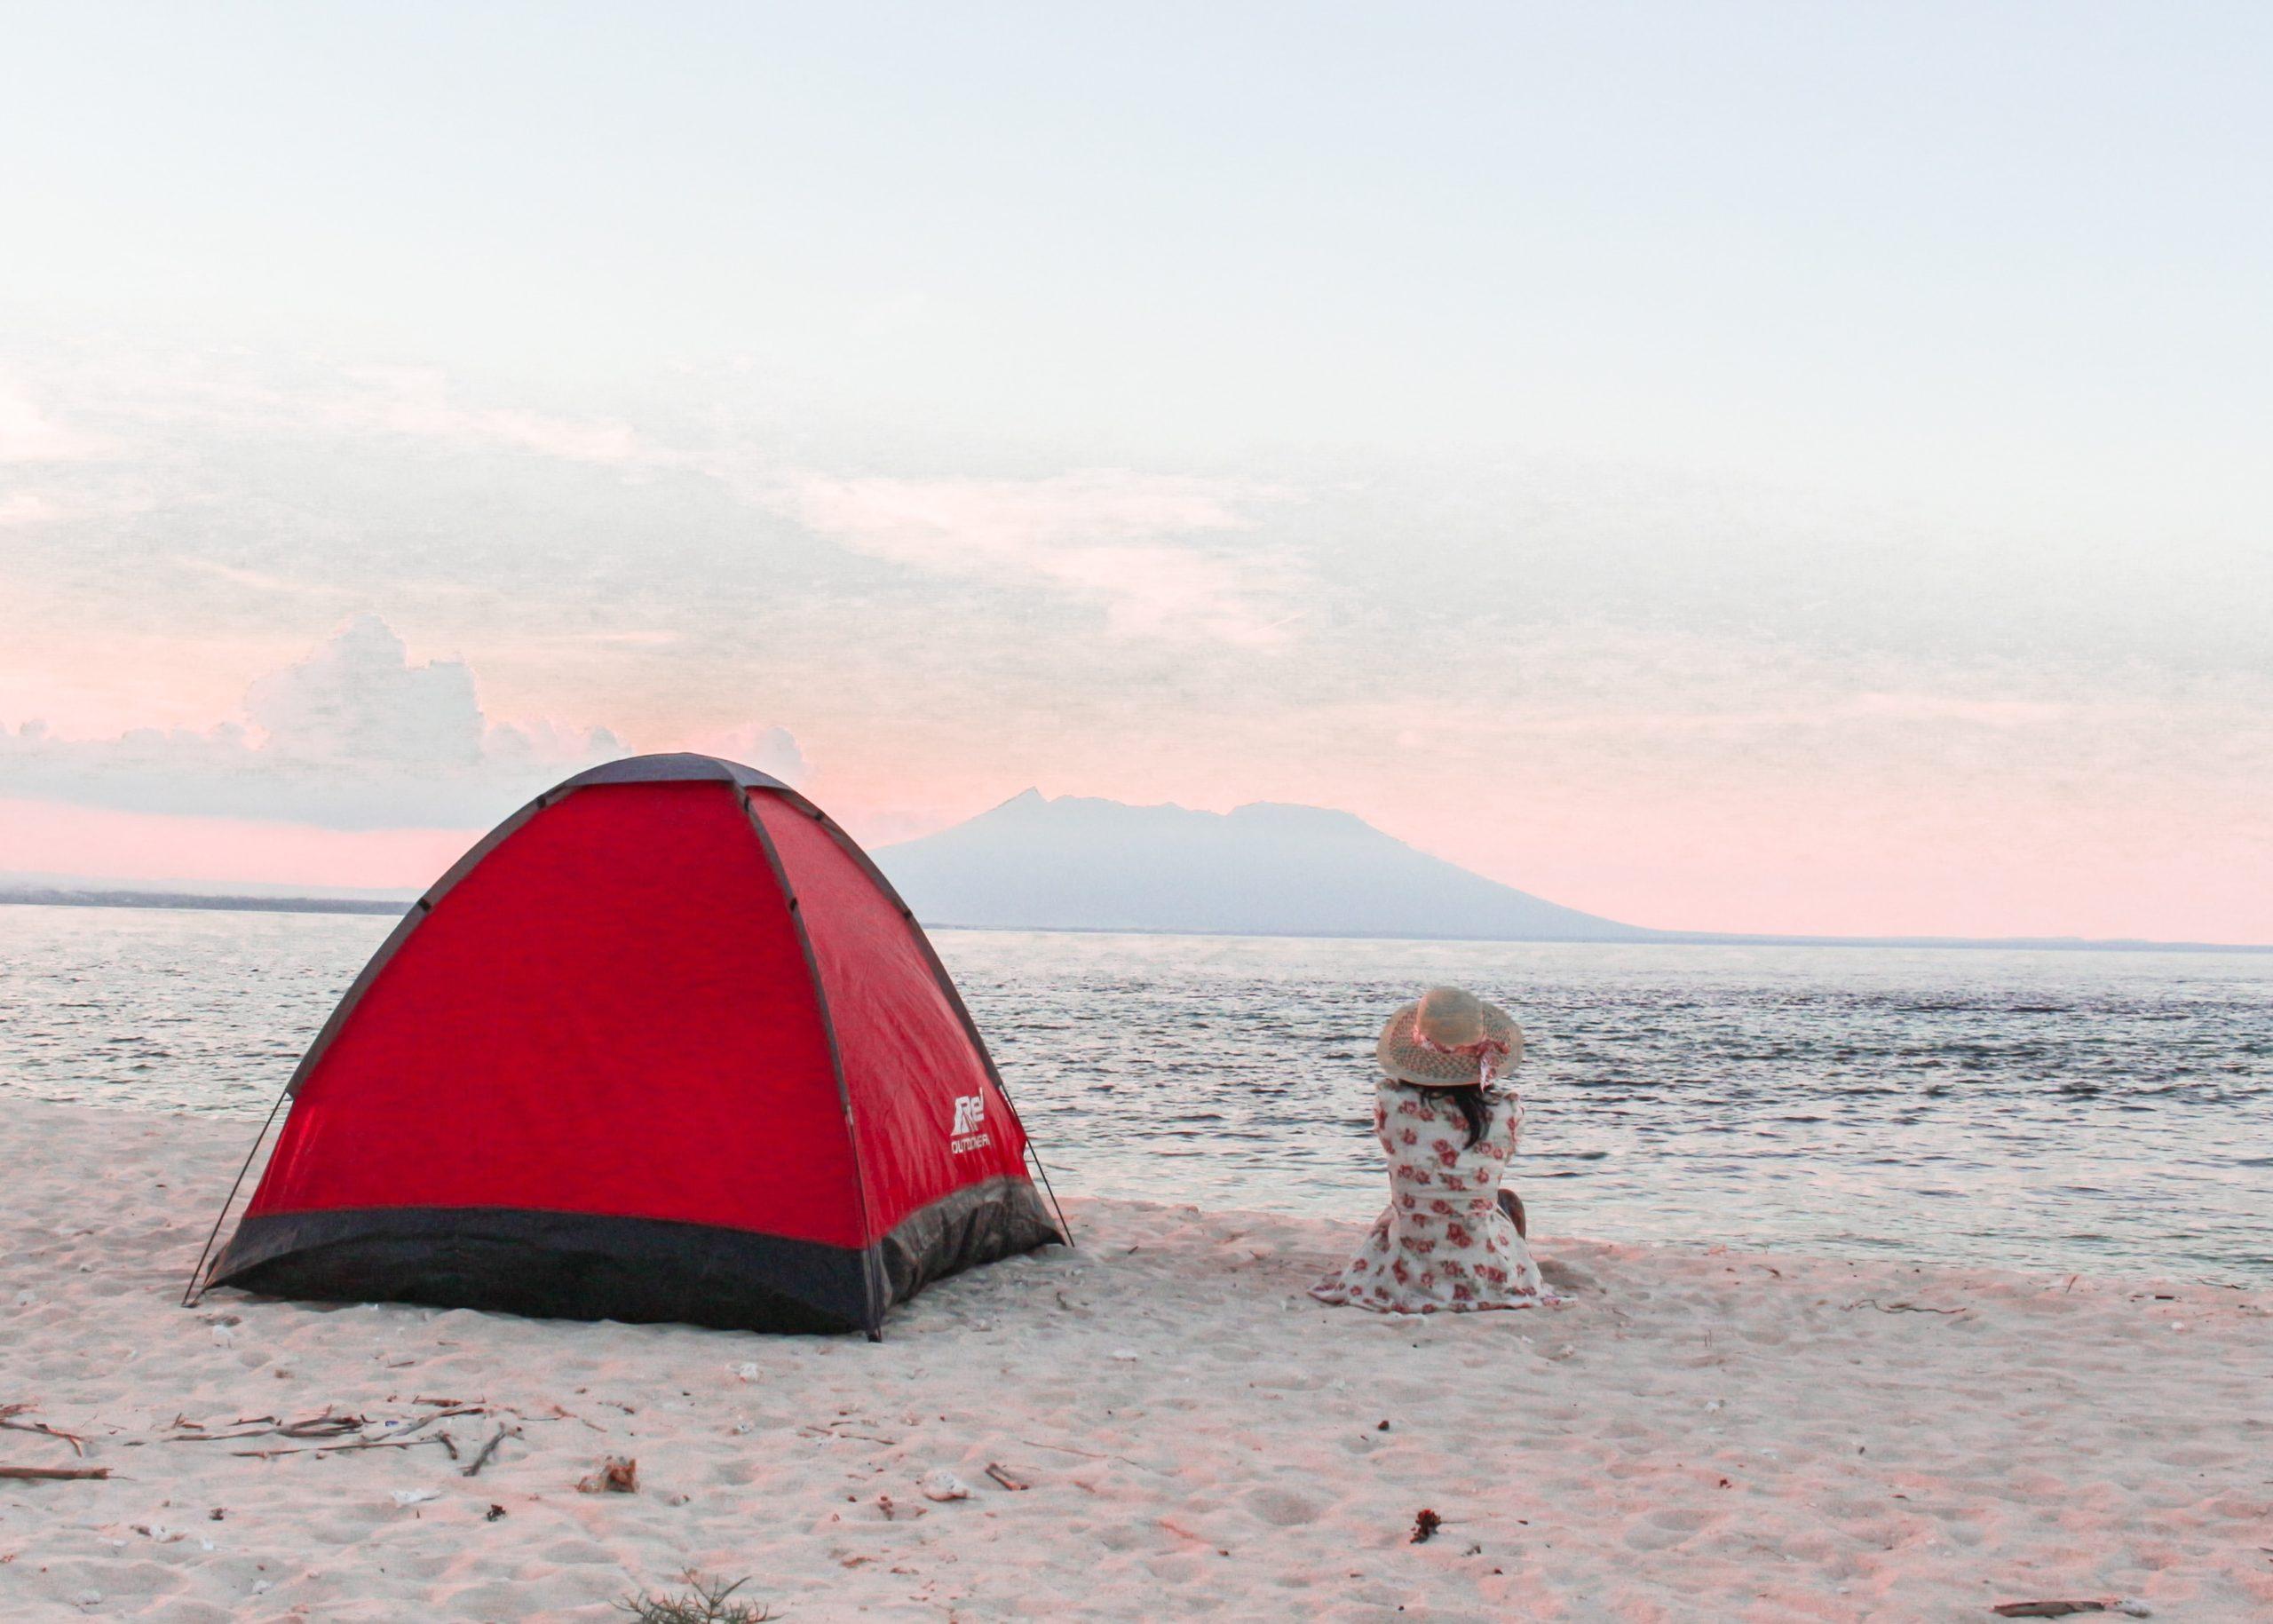 嫁が抱く理想のキャンプは海キャンプ!